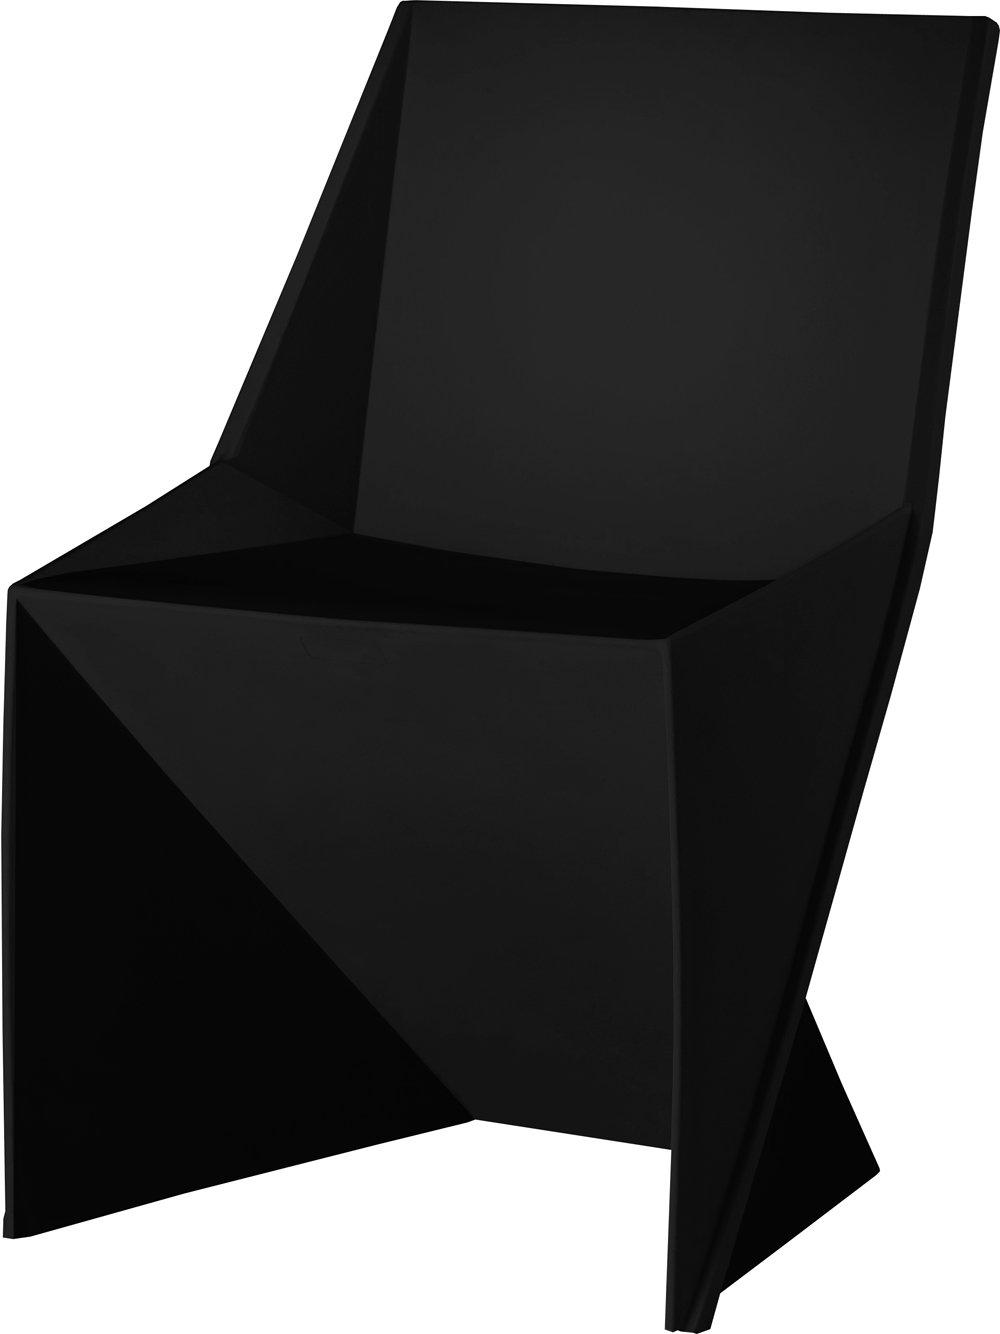 人体工学椅 电脑椅 高端 办公椅 老板椅 休闲椅 创意